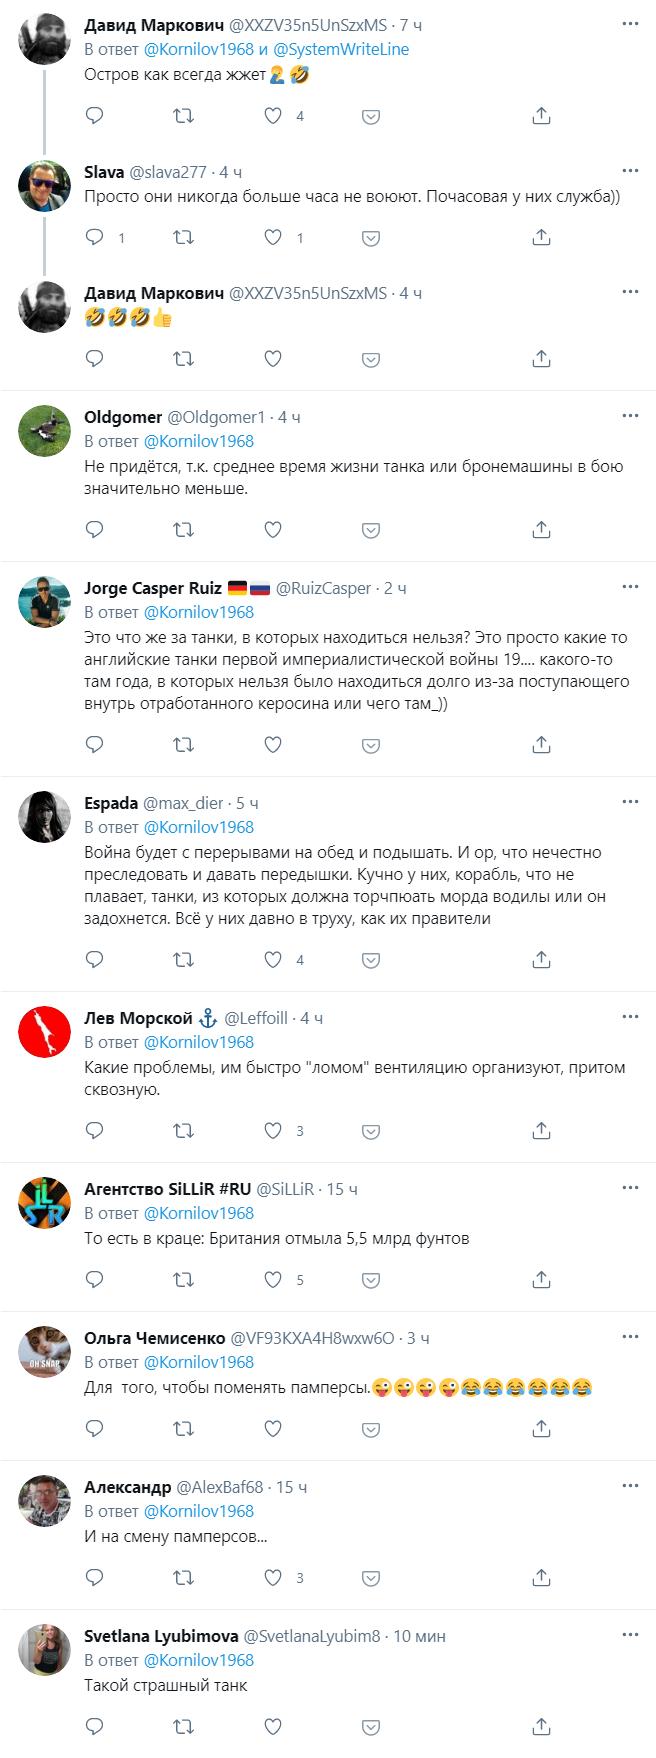 Fire-Shot-Capture-715-Vladimir-Kornilov-5-5-twitter-com